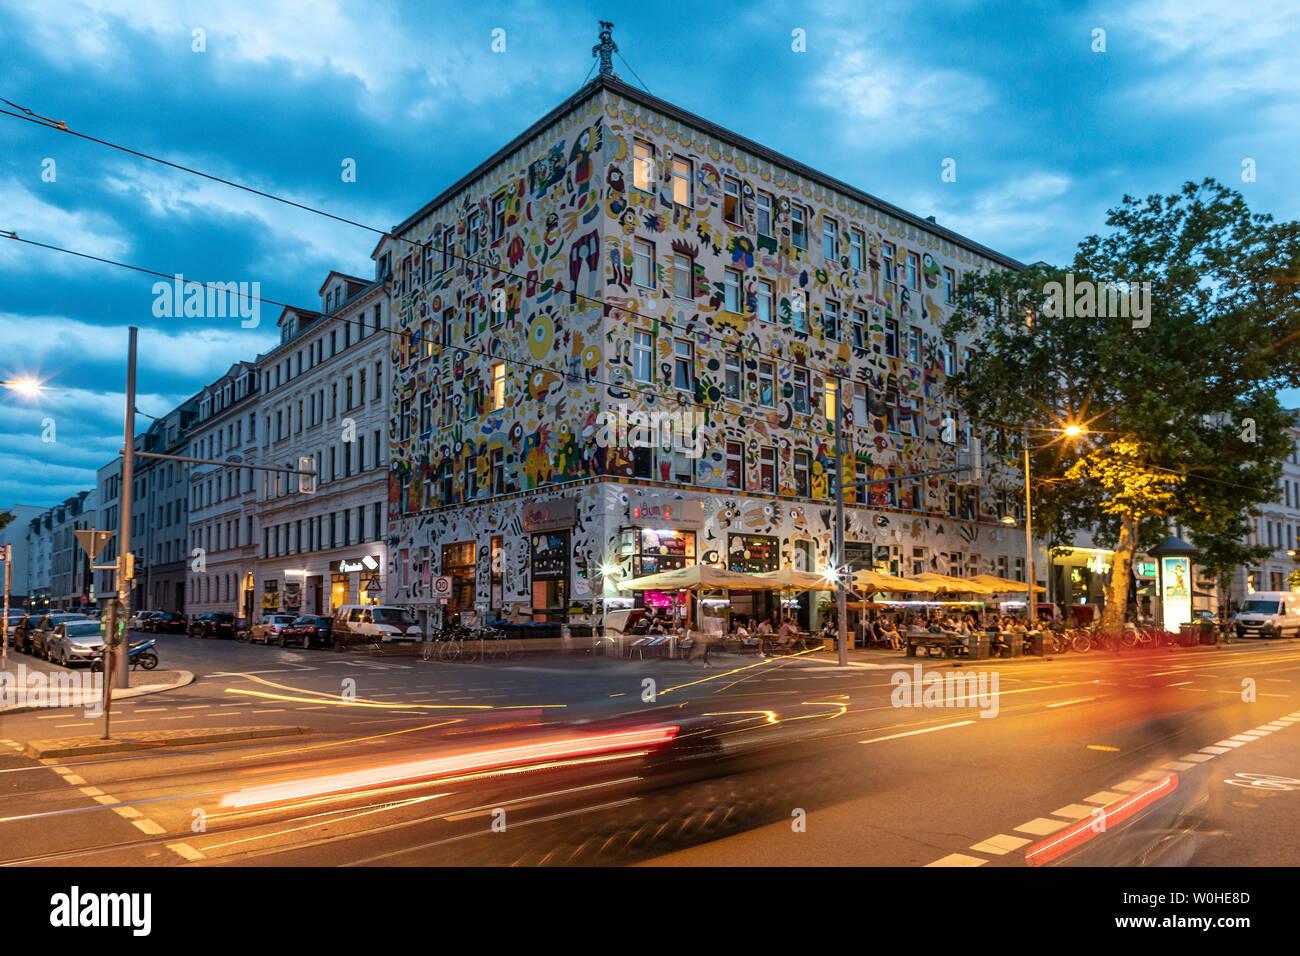 Fischer-Art-Haus, La Boum Cocktailbar, Karl Liebknechstrasse, Leipzig - Stock Image